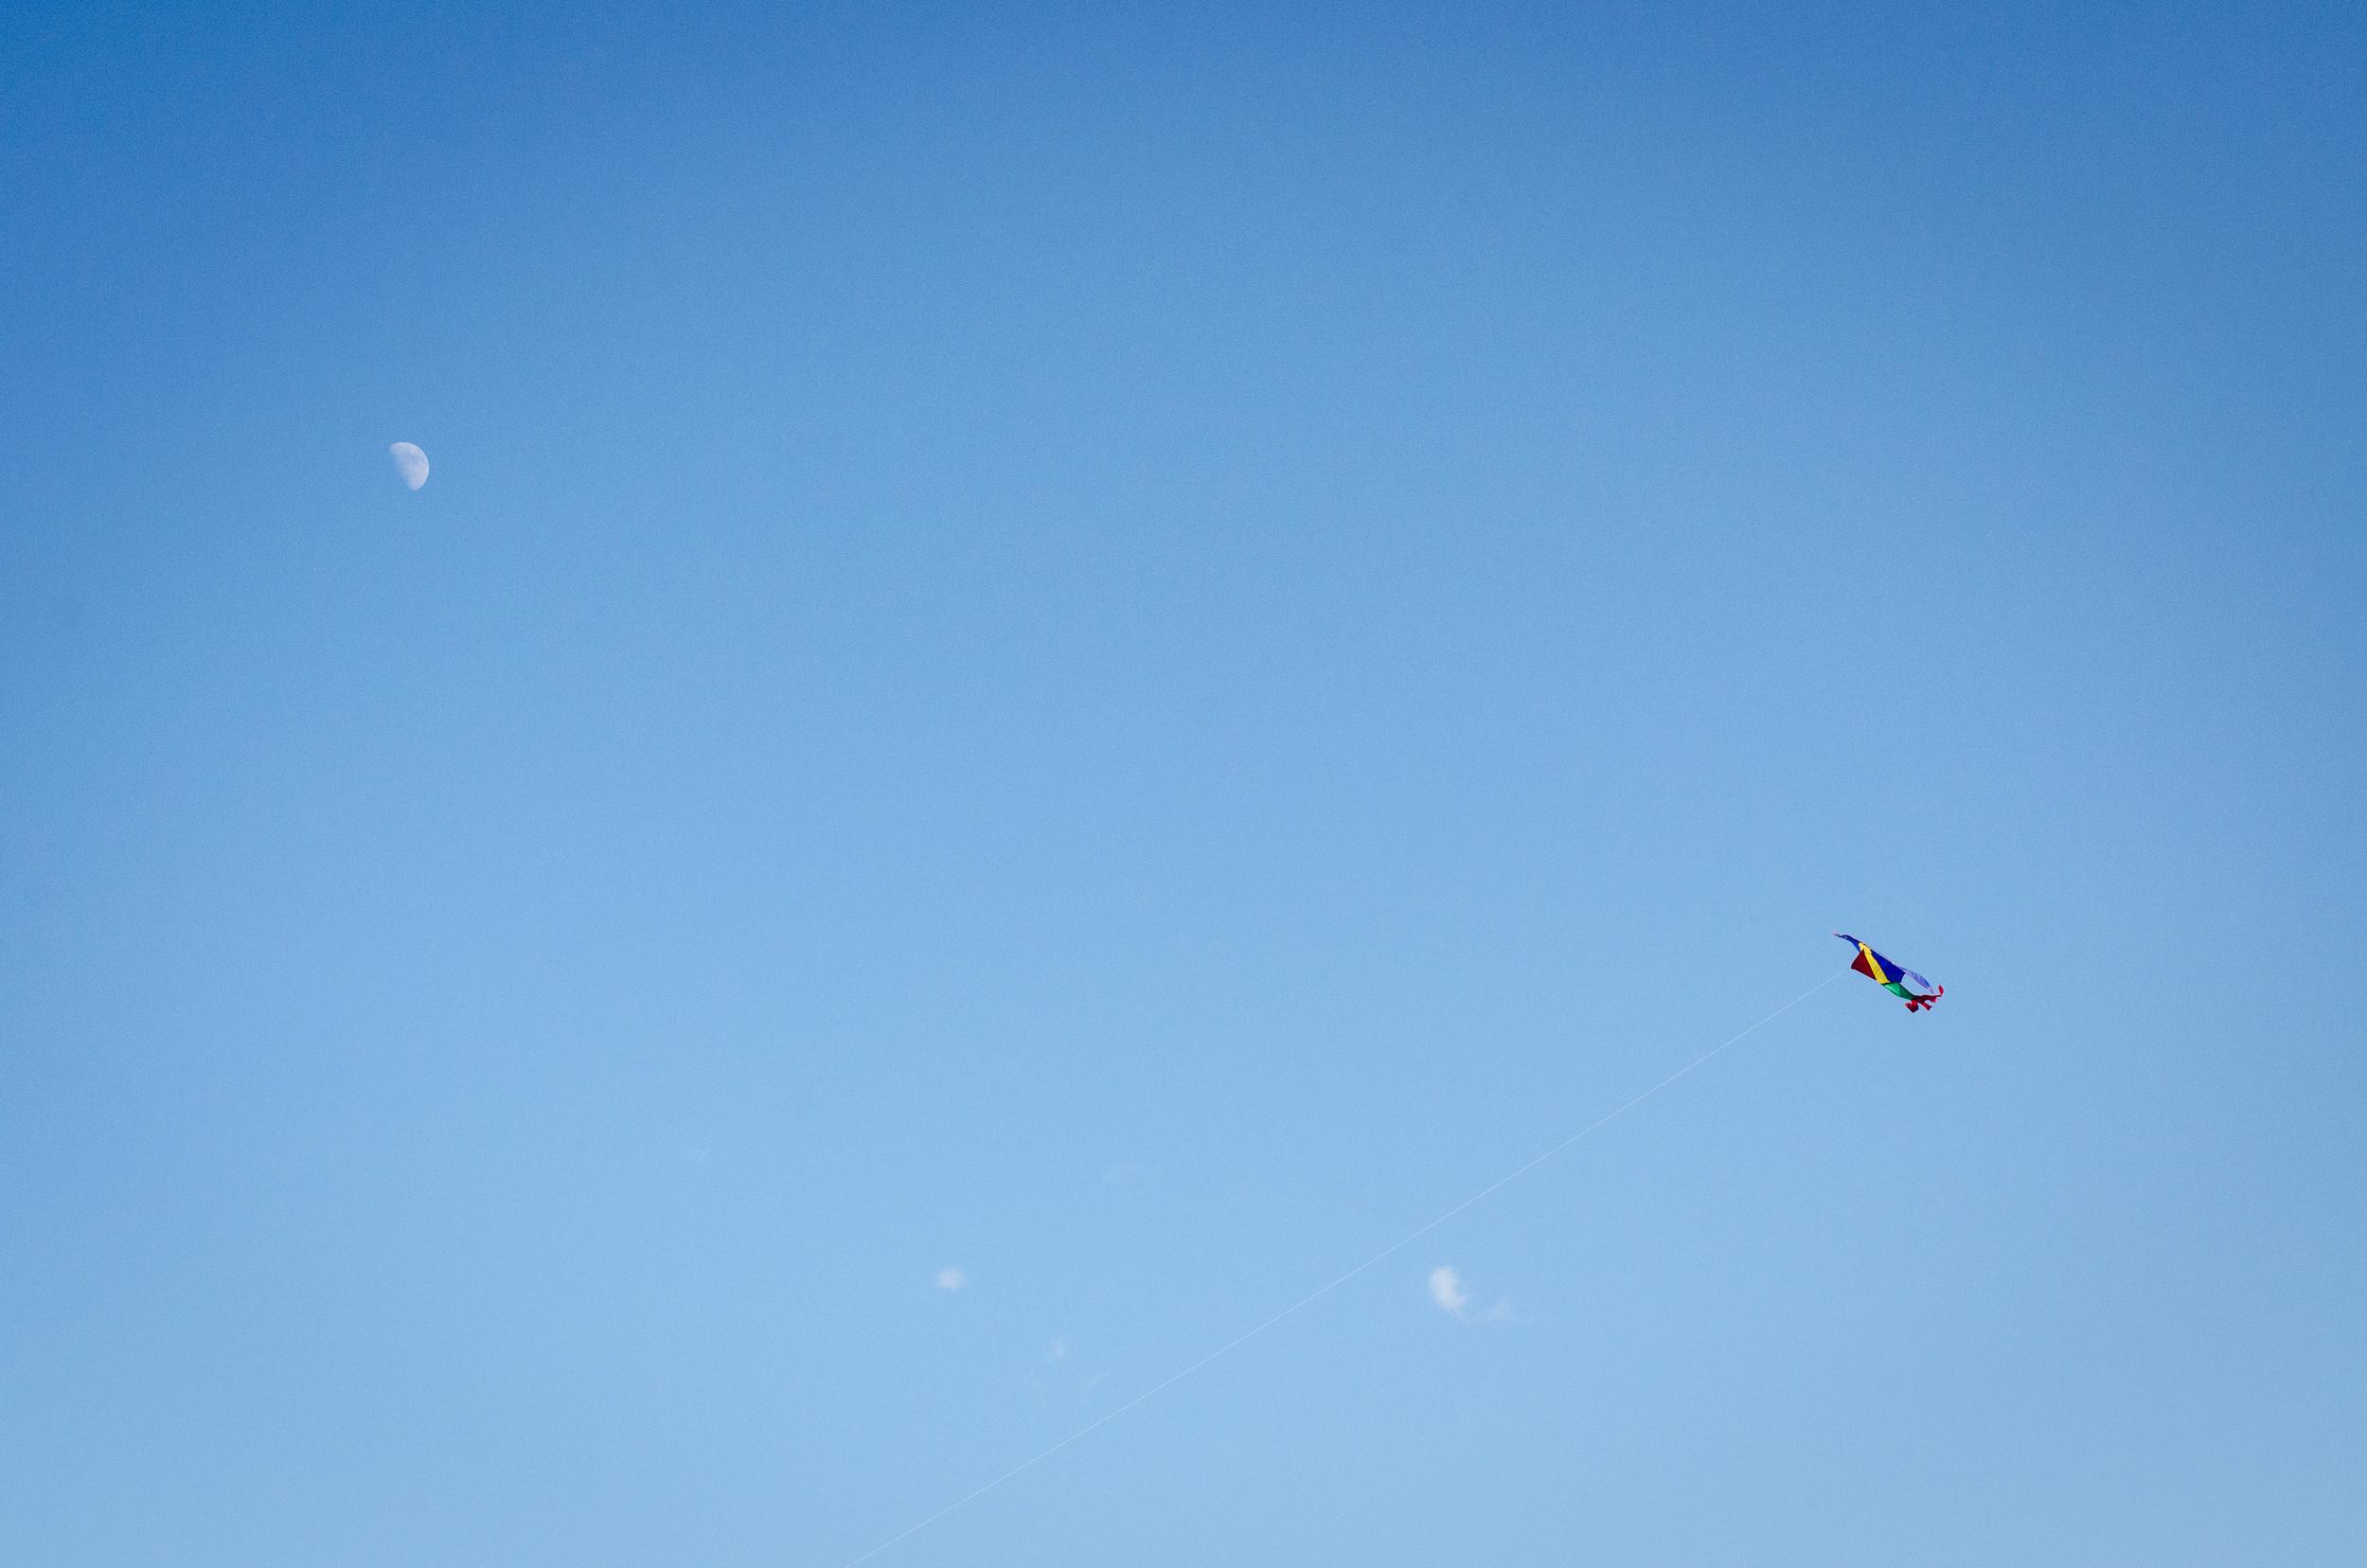 Day 140: Flying kites